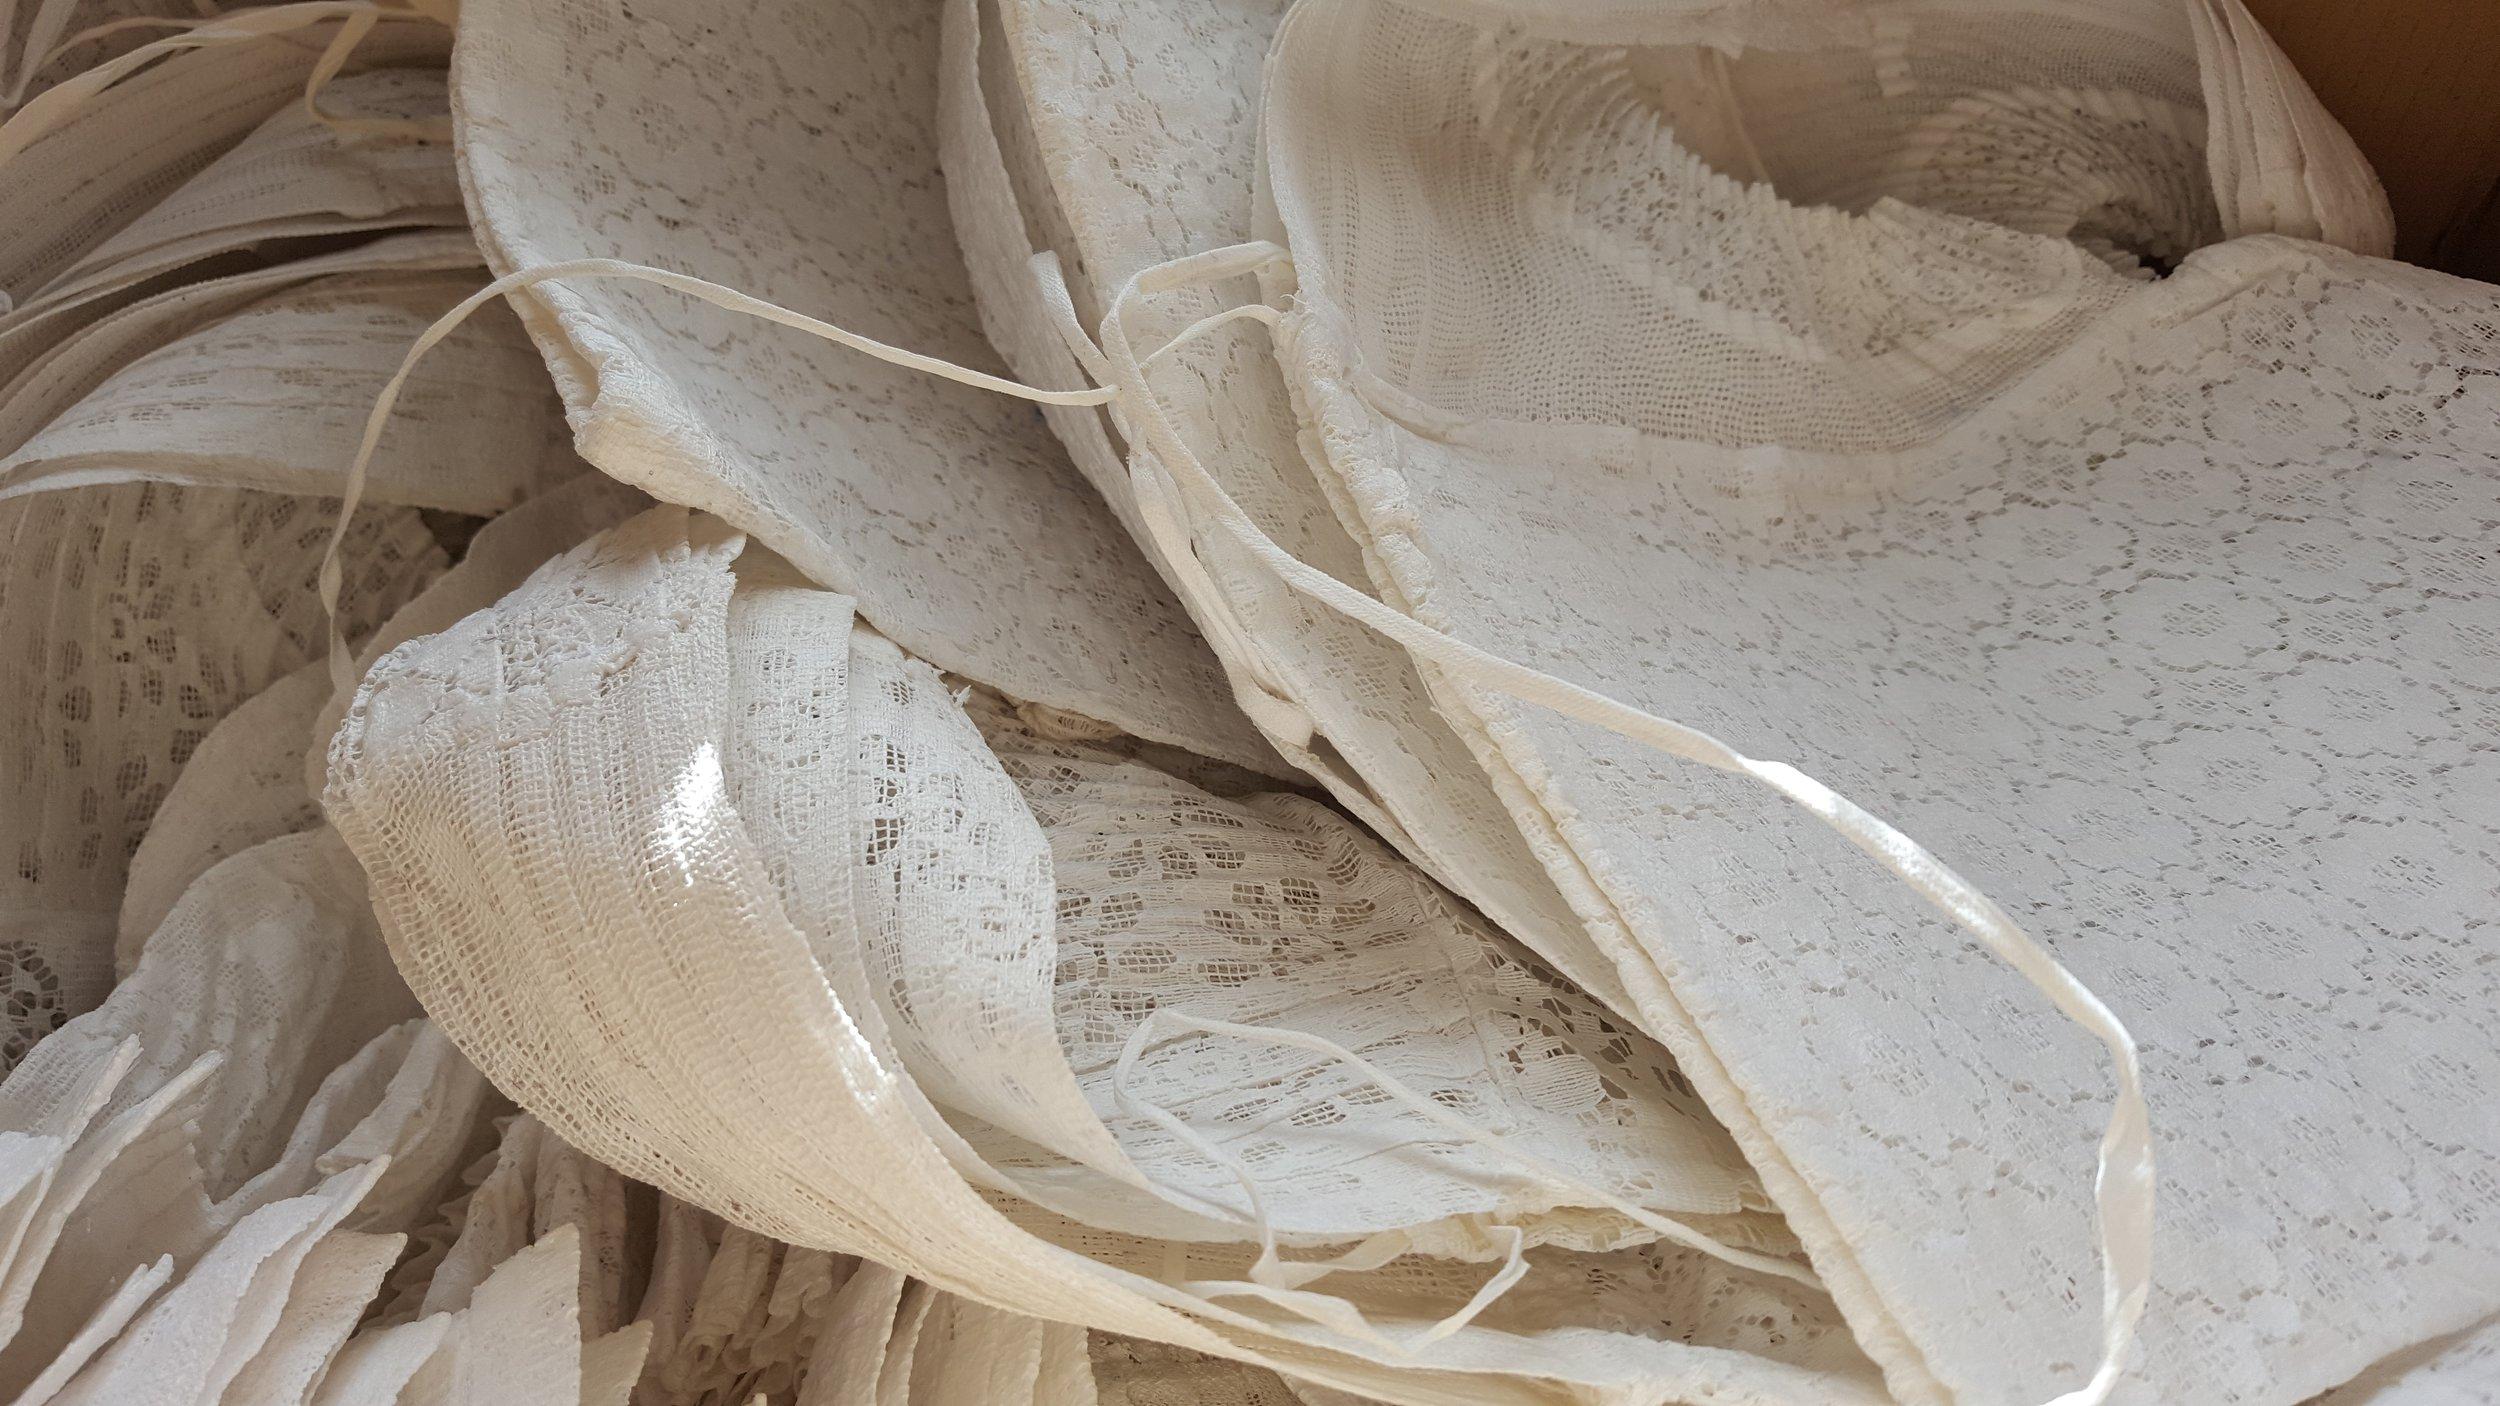 Onze Volendamse klederdracht is tot in de puntje verzorg en altijd schoon en fris